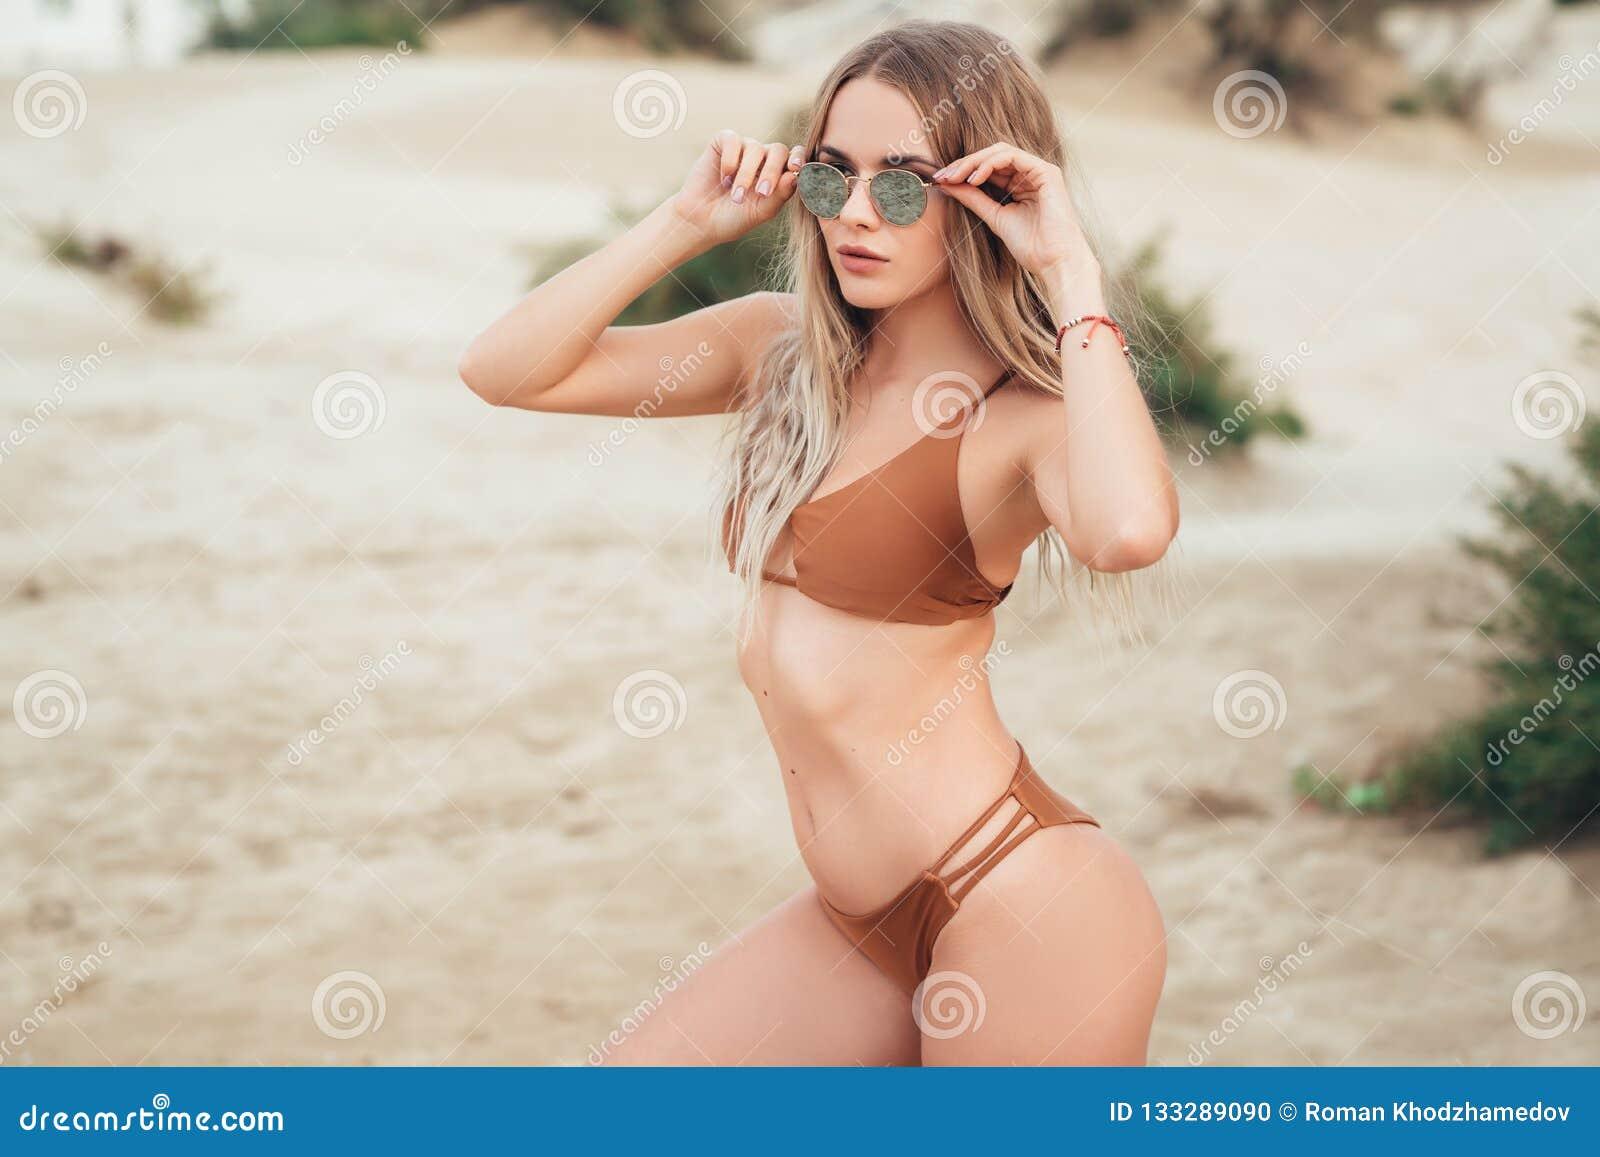 Симпатичная девушка с сексуальным телом